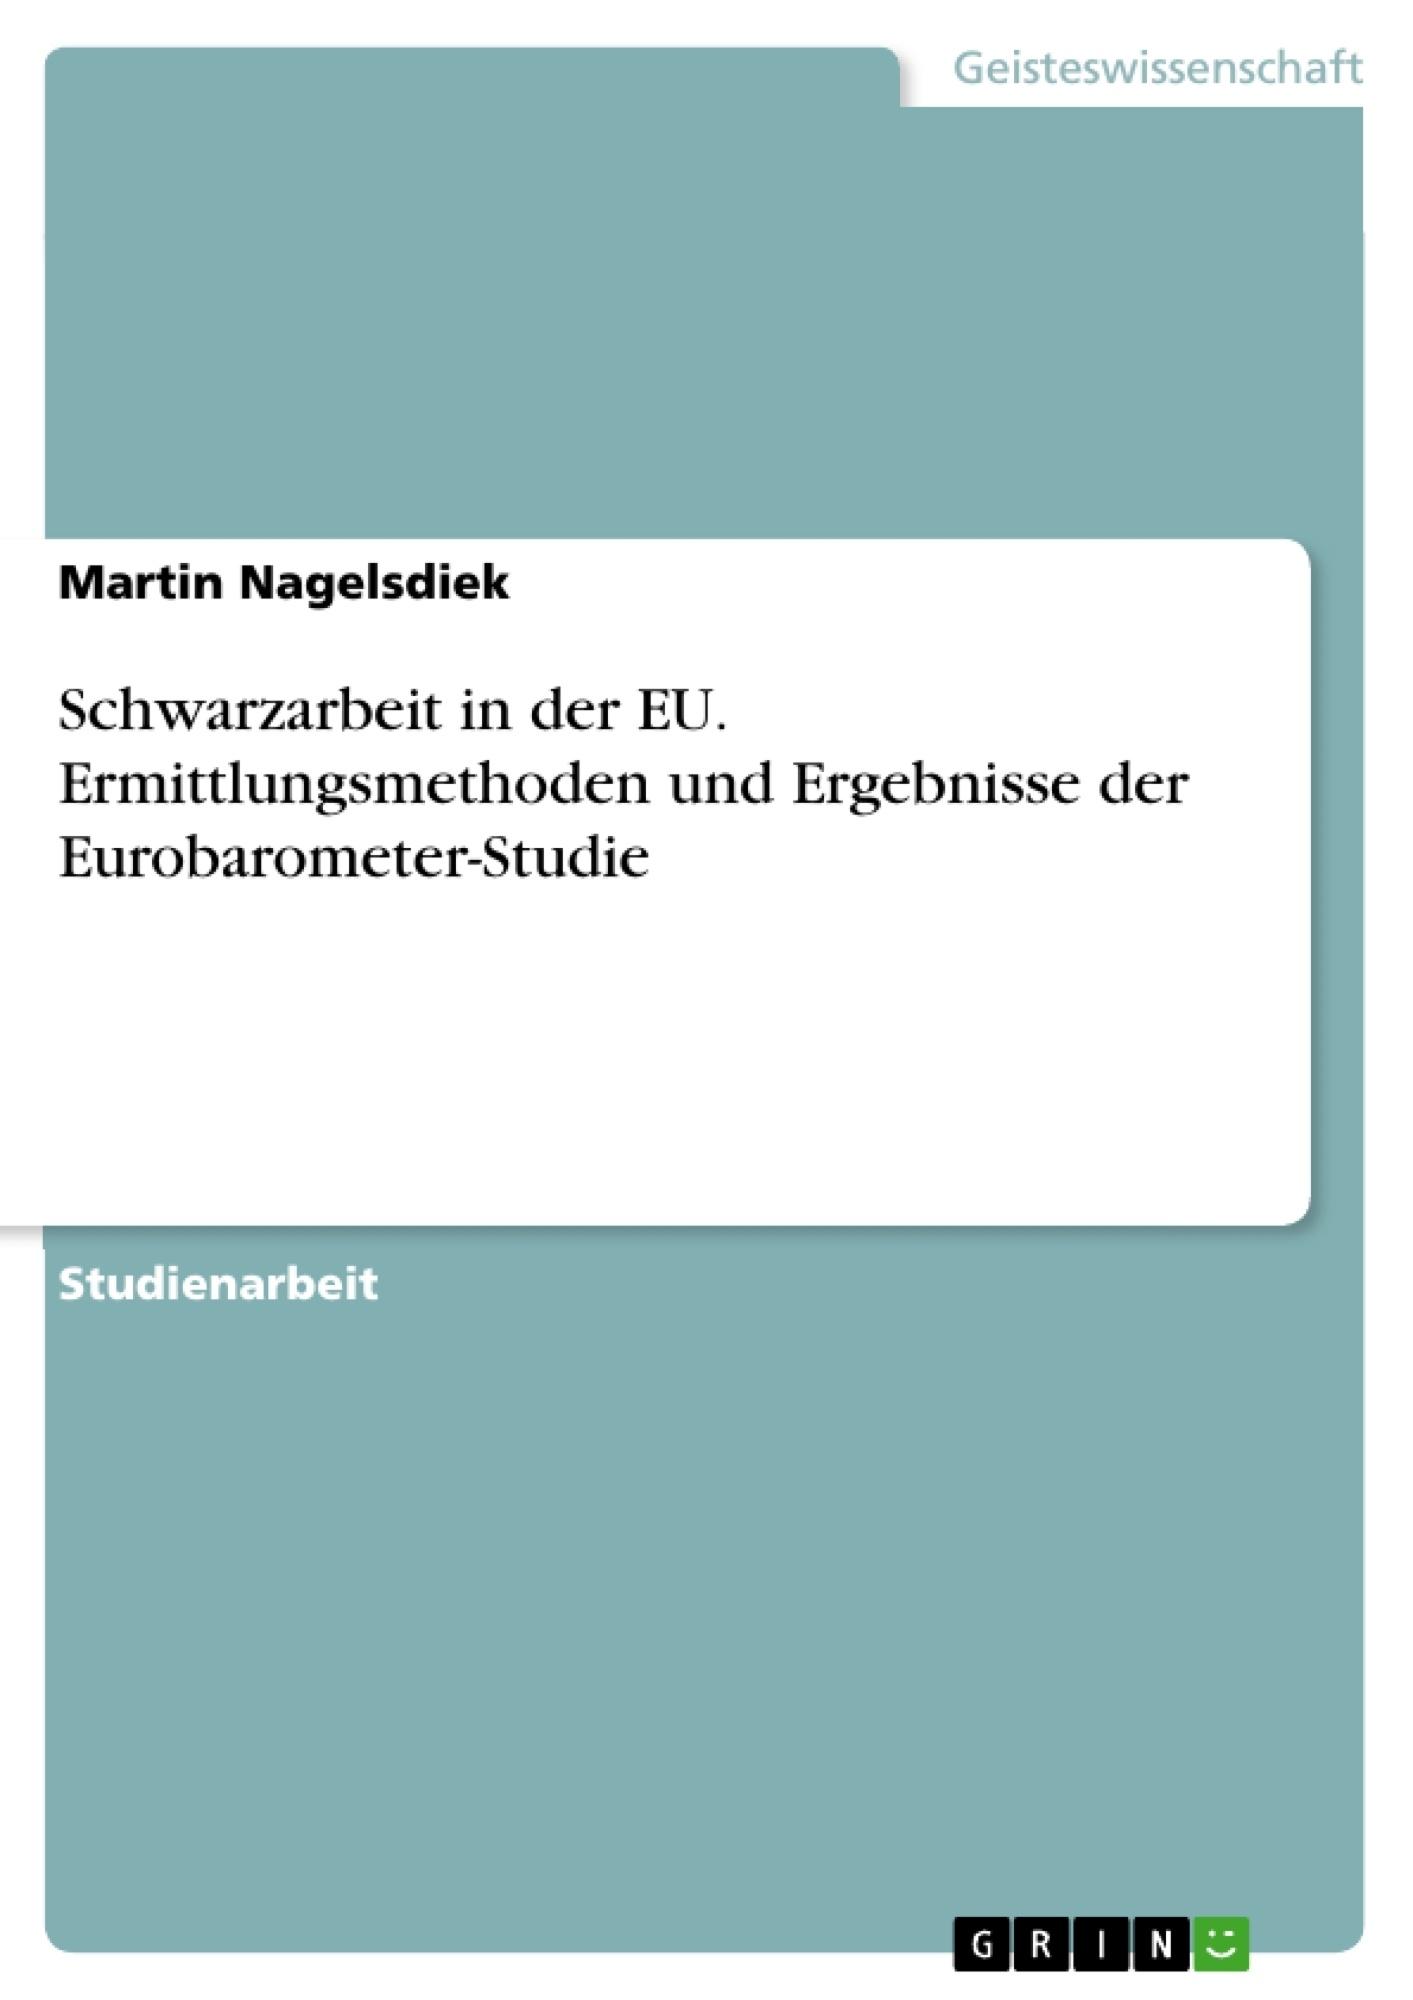 Titel: Schwarzarbeit in der EU. Ermittlungsmethoden und Ergebnisse der Eurobarometer-Studie